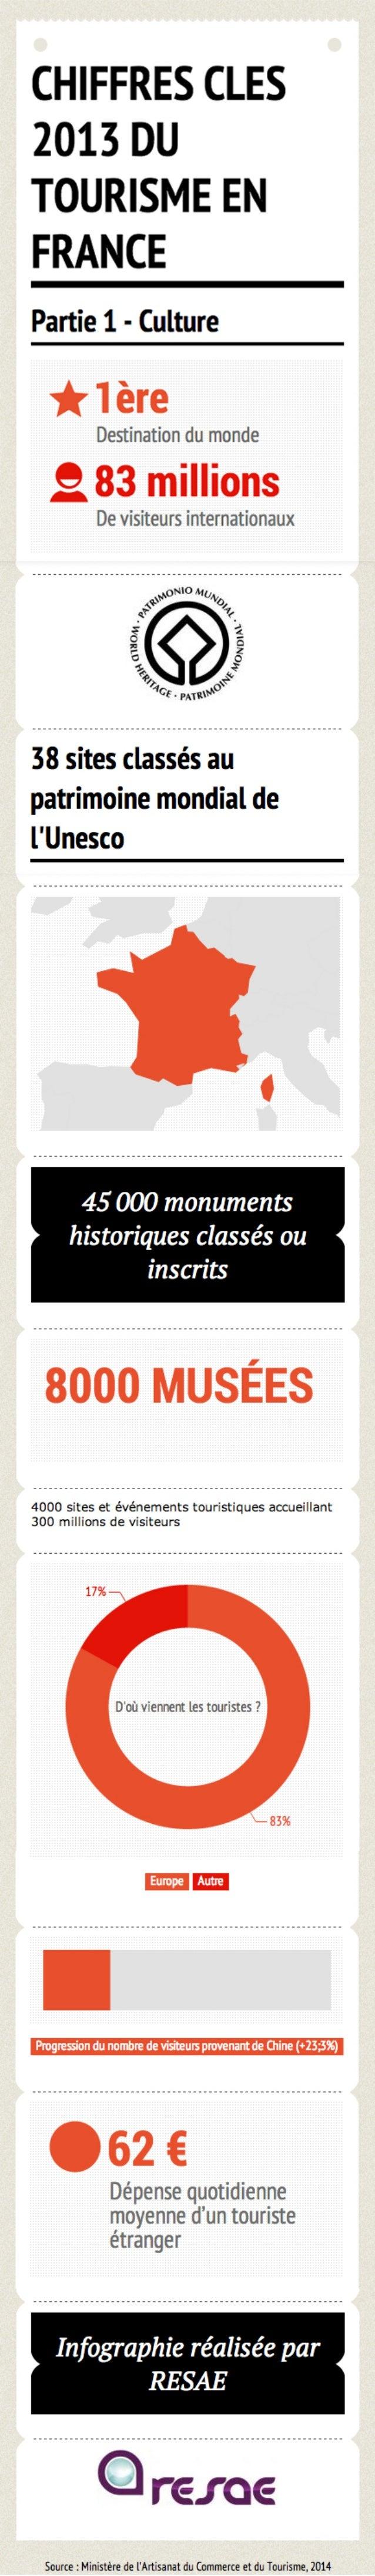 [Infographie] Chiffres clés du tourisme français en 2013 - Partie 1 : Culture